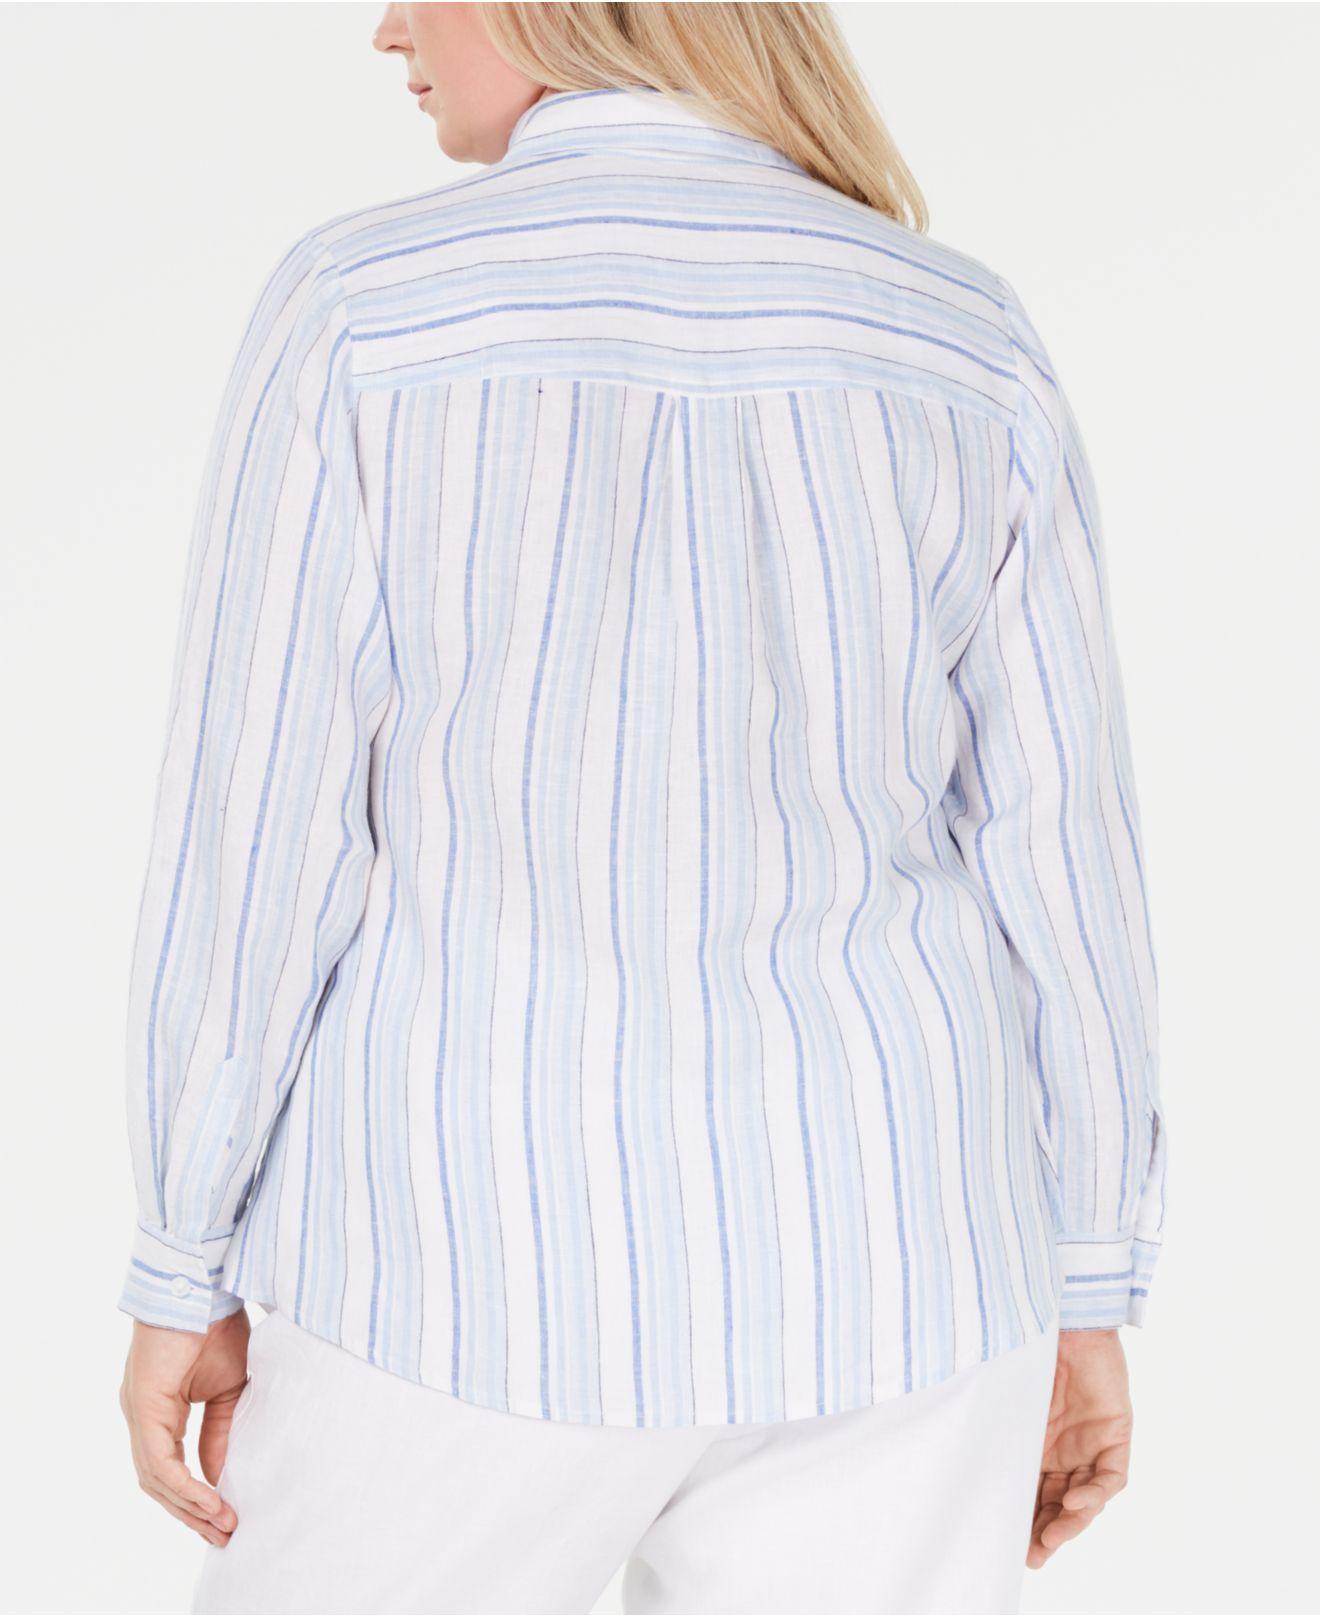 1d141e21da4 Lyst - Charter Club Plus Size Striped Linen Shirt